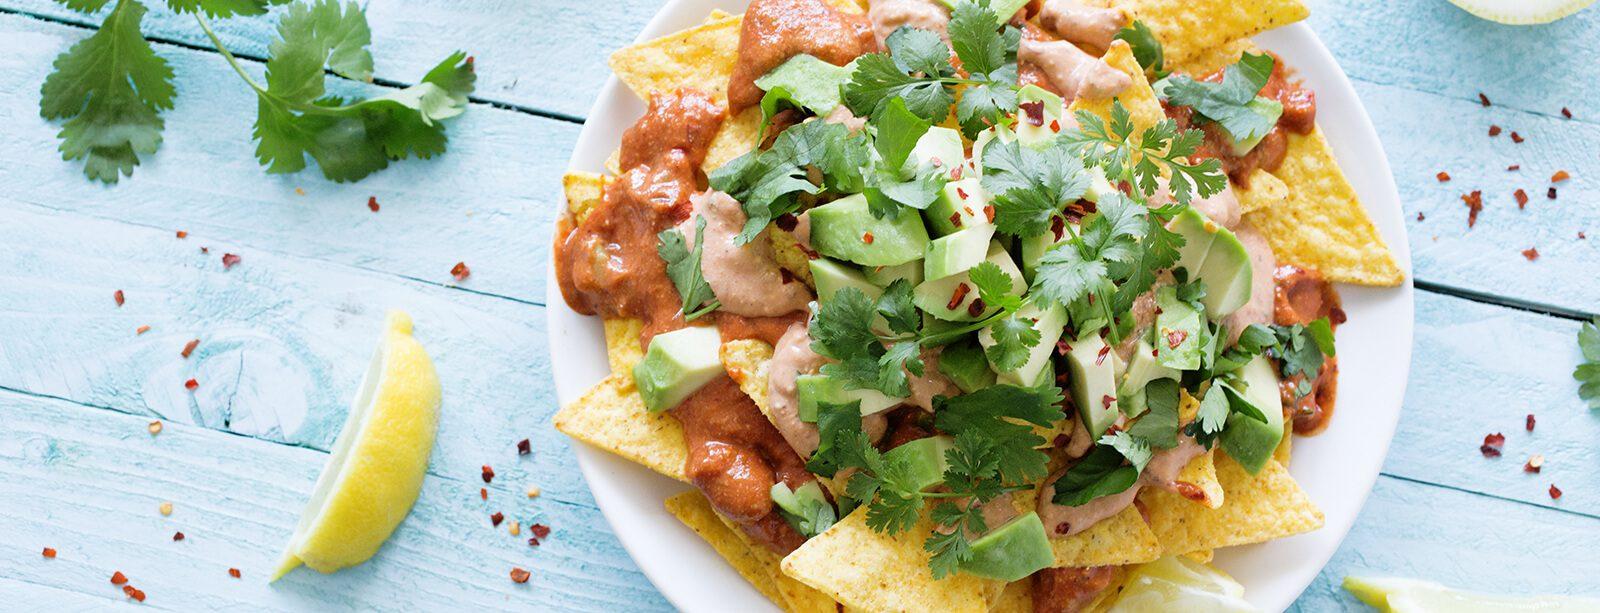 plant-based nachos